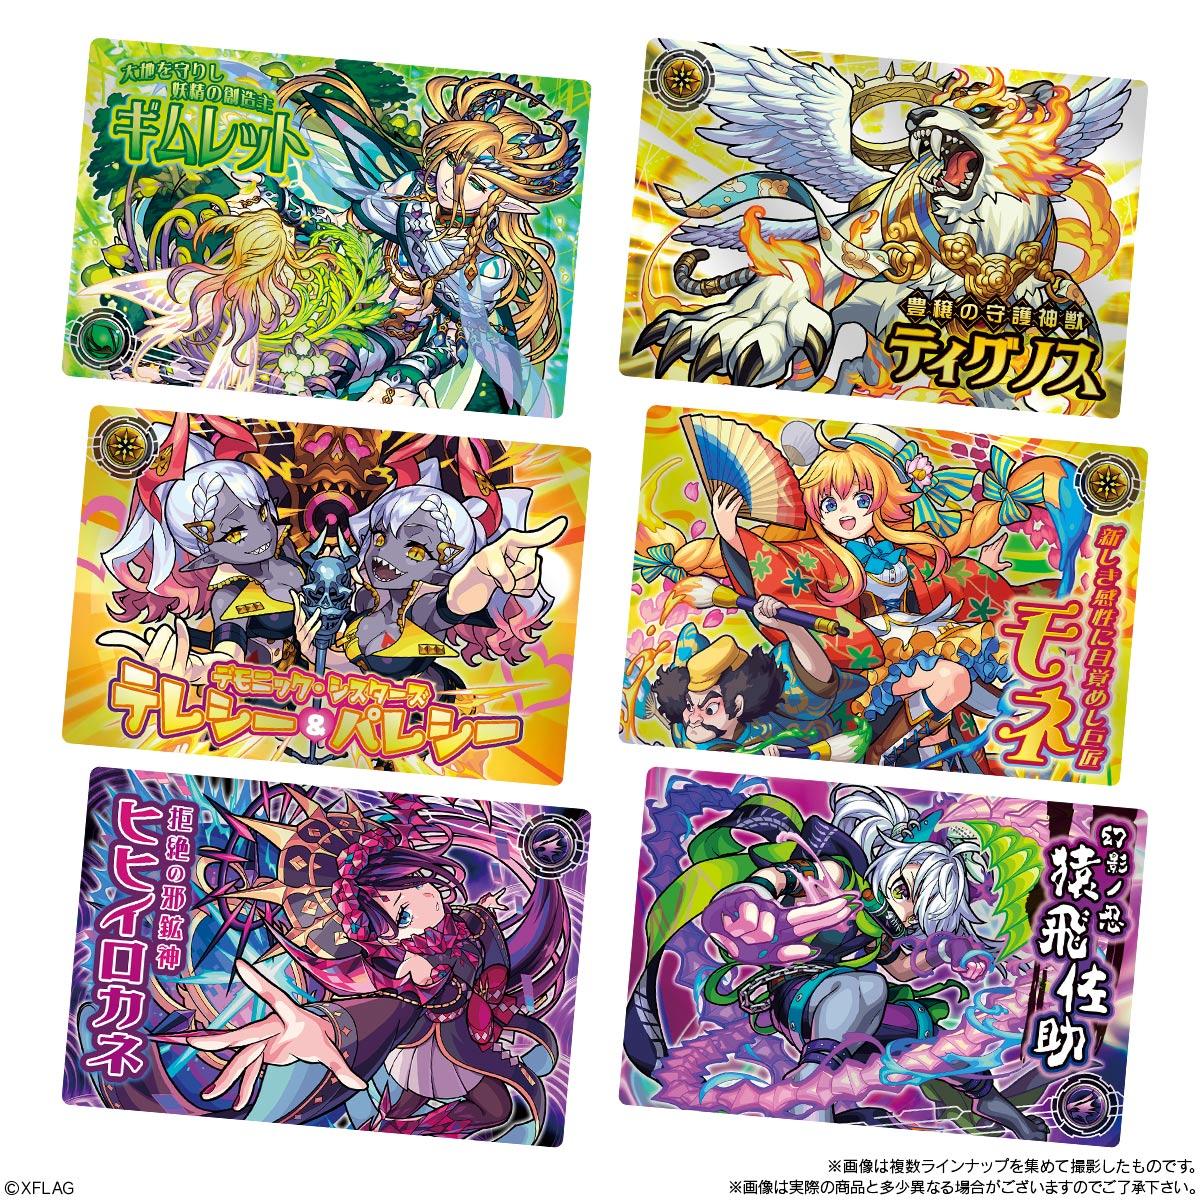 【食玩】モンスターストライク『モンストウエハースEX3』20個入りBOX-003